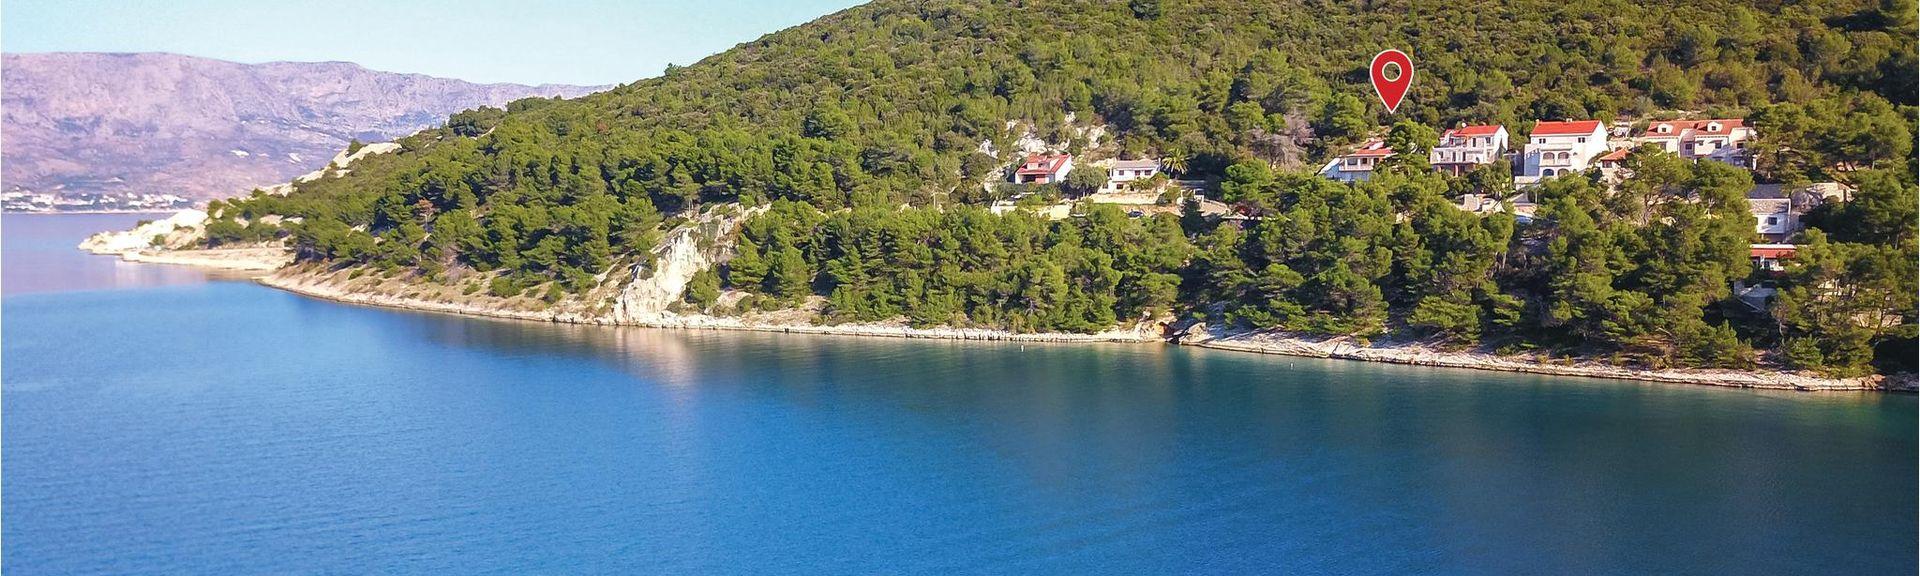 Pyhän Markuksen kirkko, Makarska, Split-Dalmatia, Kroatia